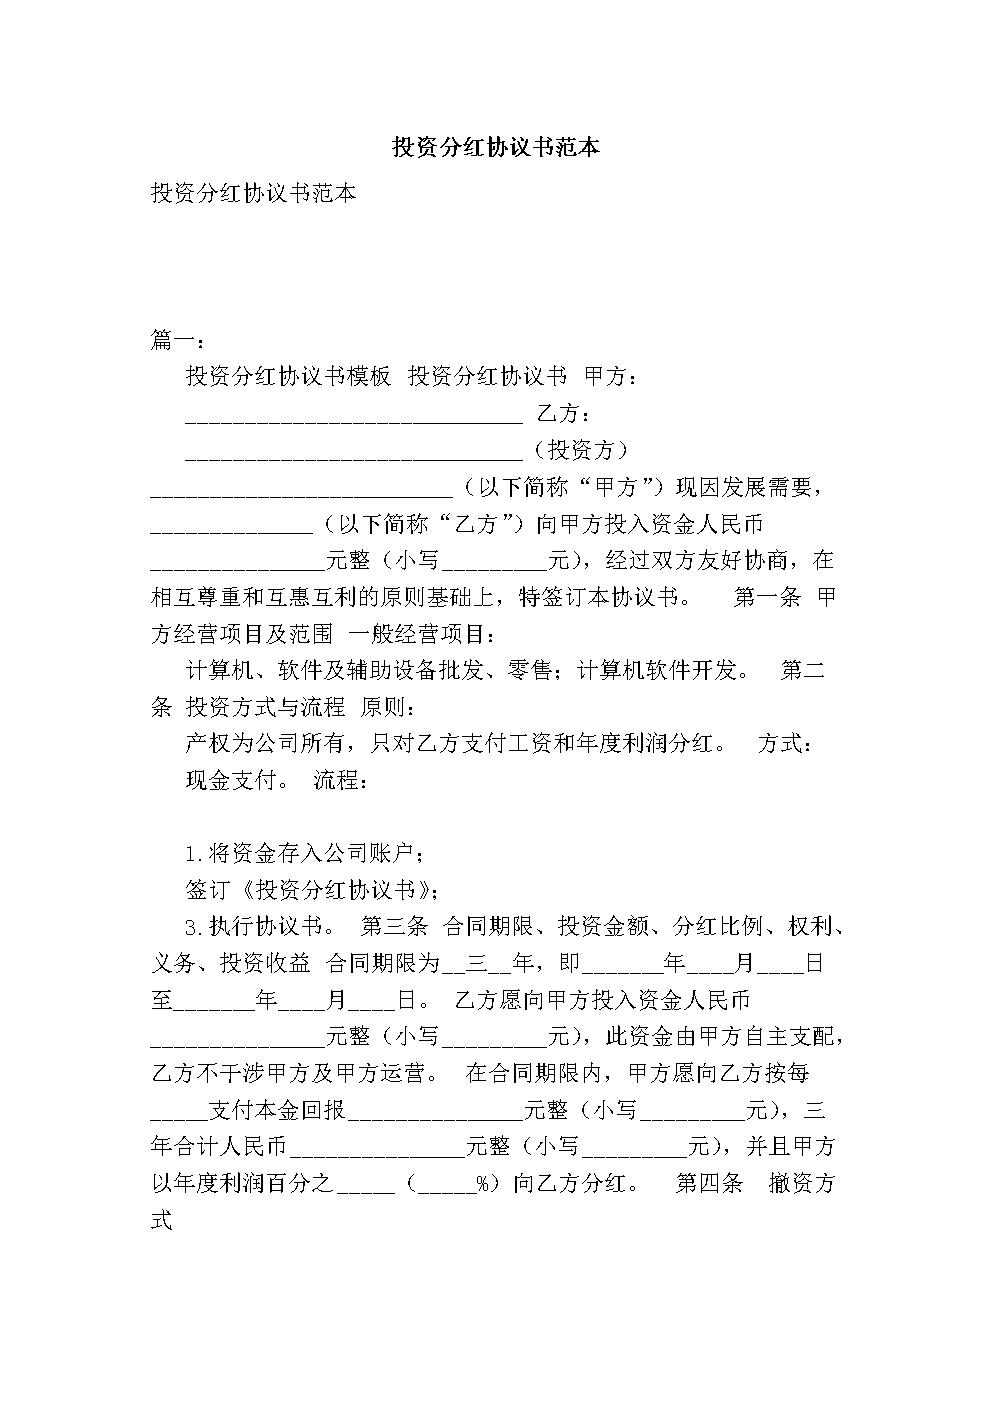 投资分红协议书范本.doc图片